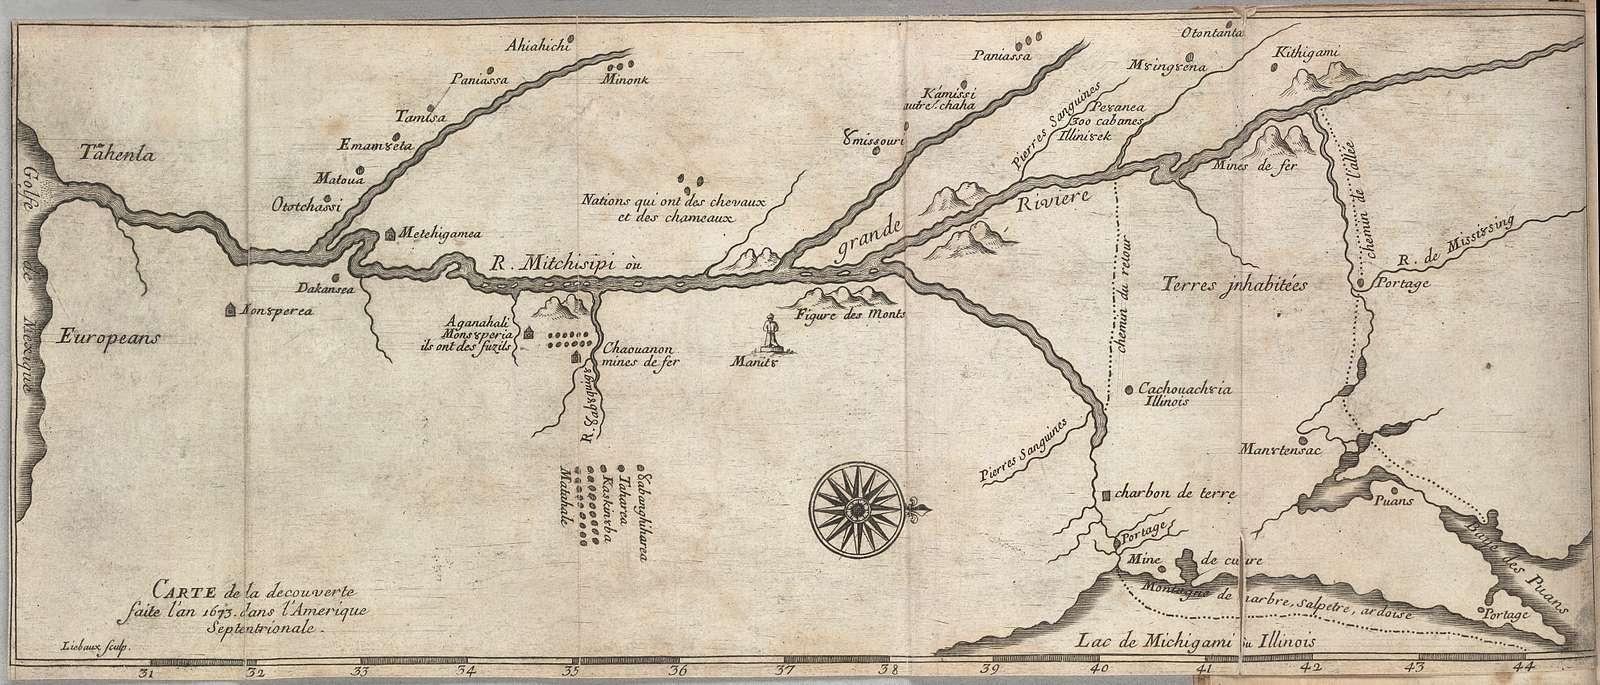 Carte de la decouverte faite l'an 1673 dans l'Amerique Septentrionale /